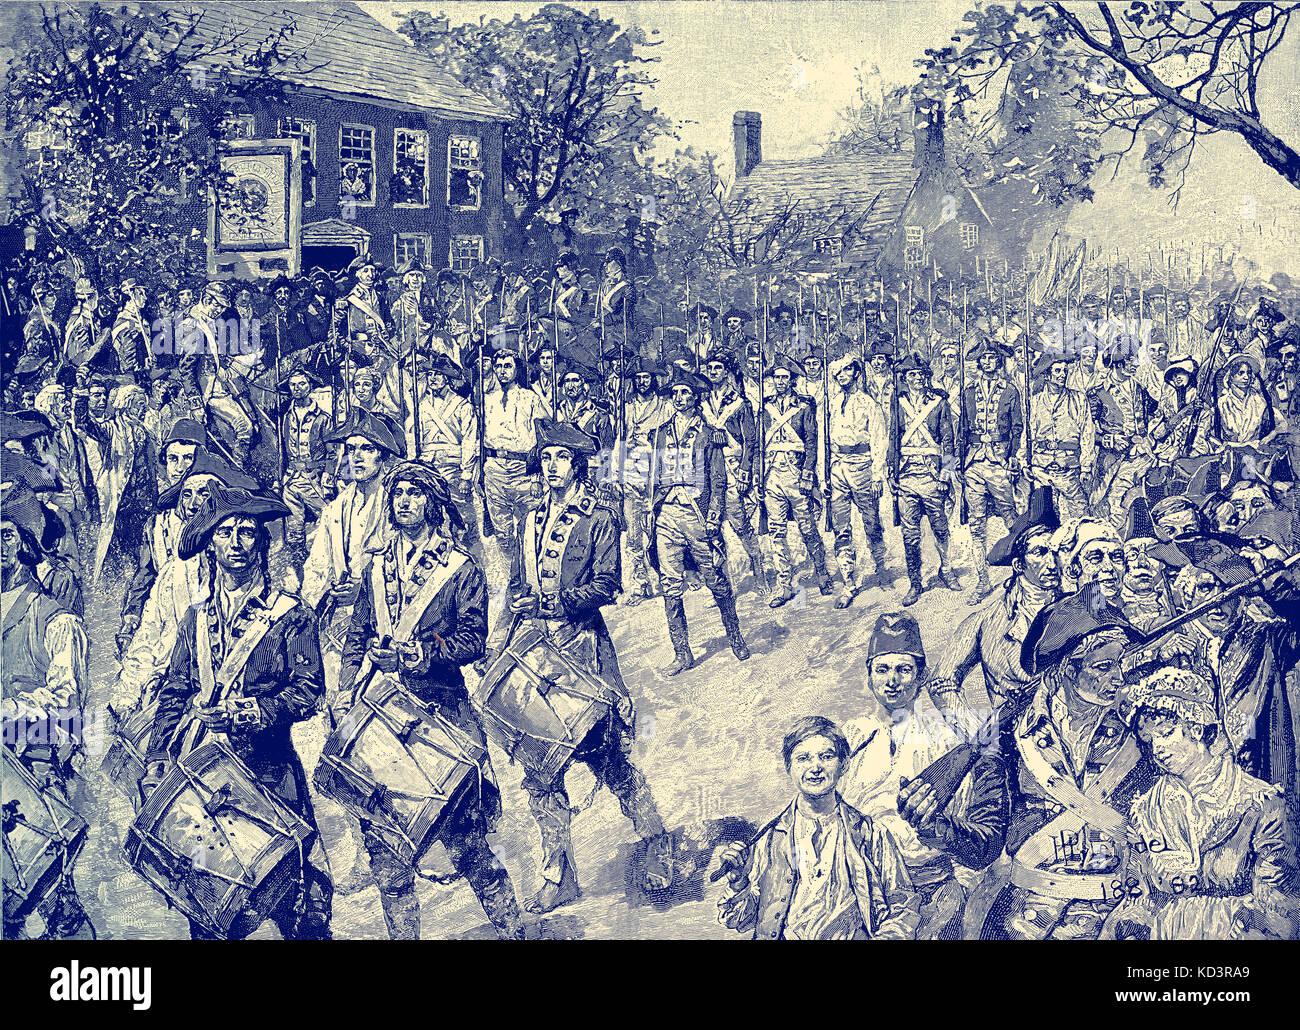 L'armée continentale a marché dans Old Bowery, New York, 25 novembre 1783. Les forces de Washington prennent la posession de New York à la fin de la Révolution américaine. Évacuation britannique de New York. Illustration de Howard Pyle, 1896 Banque D'Images